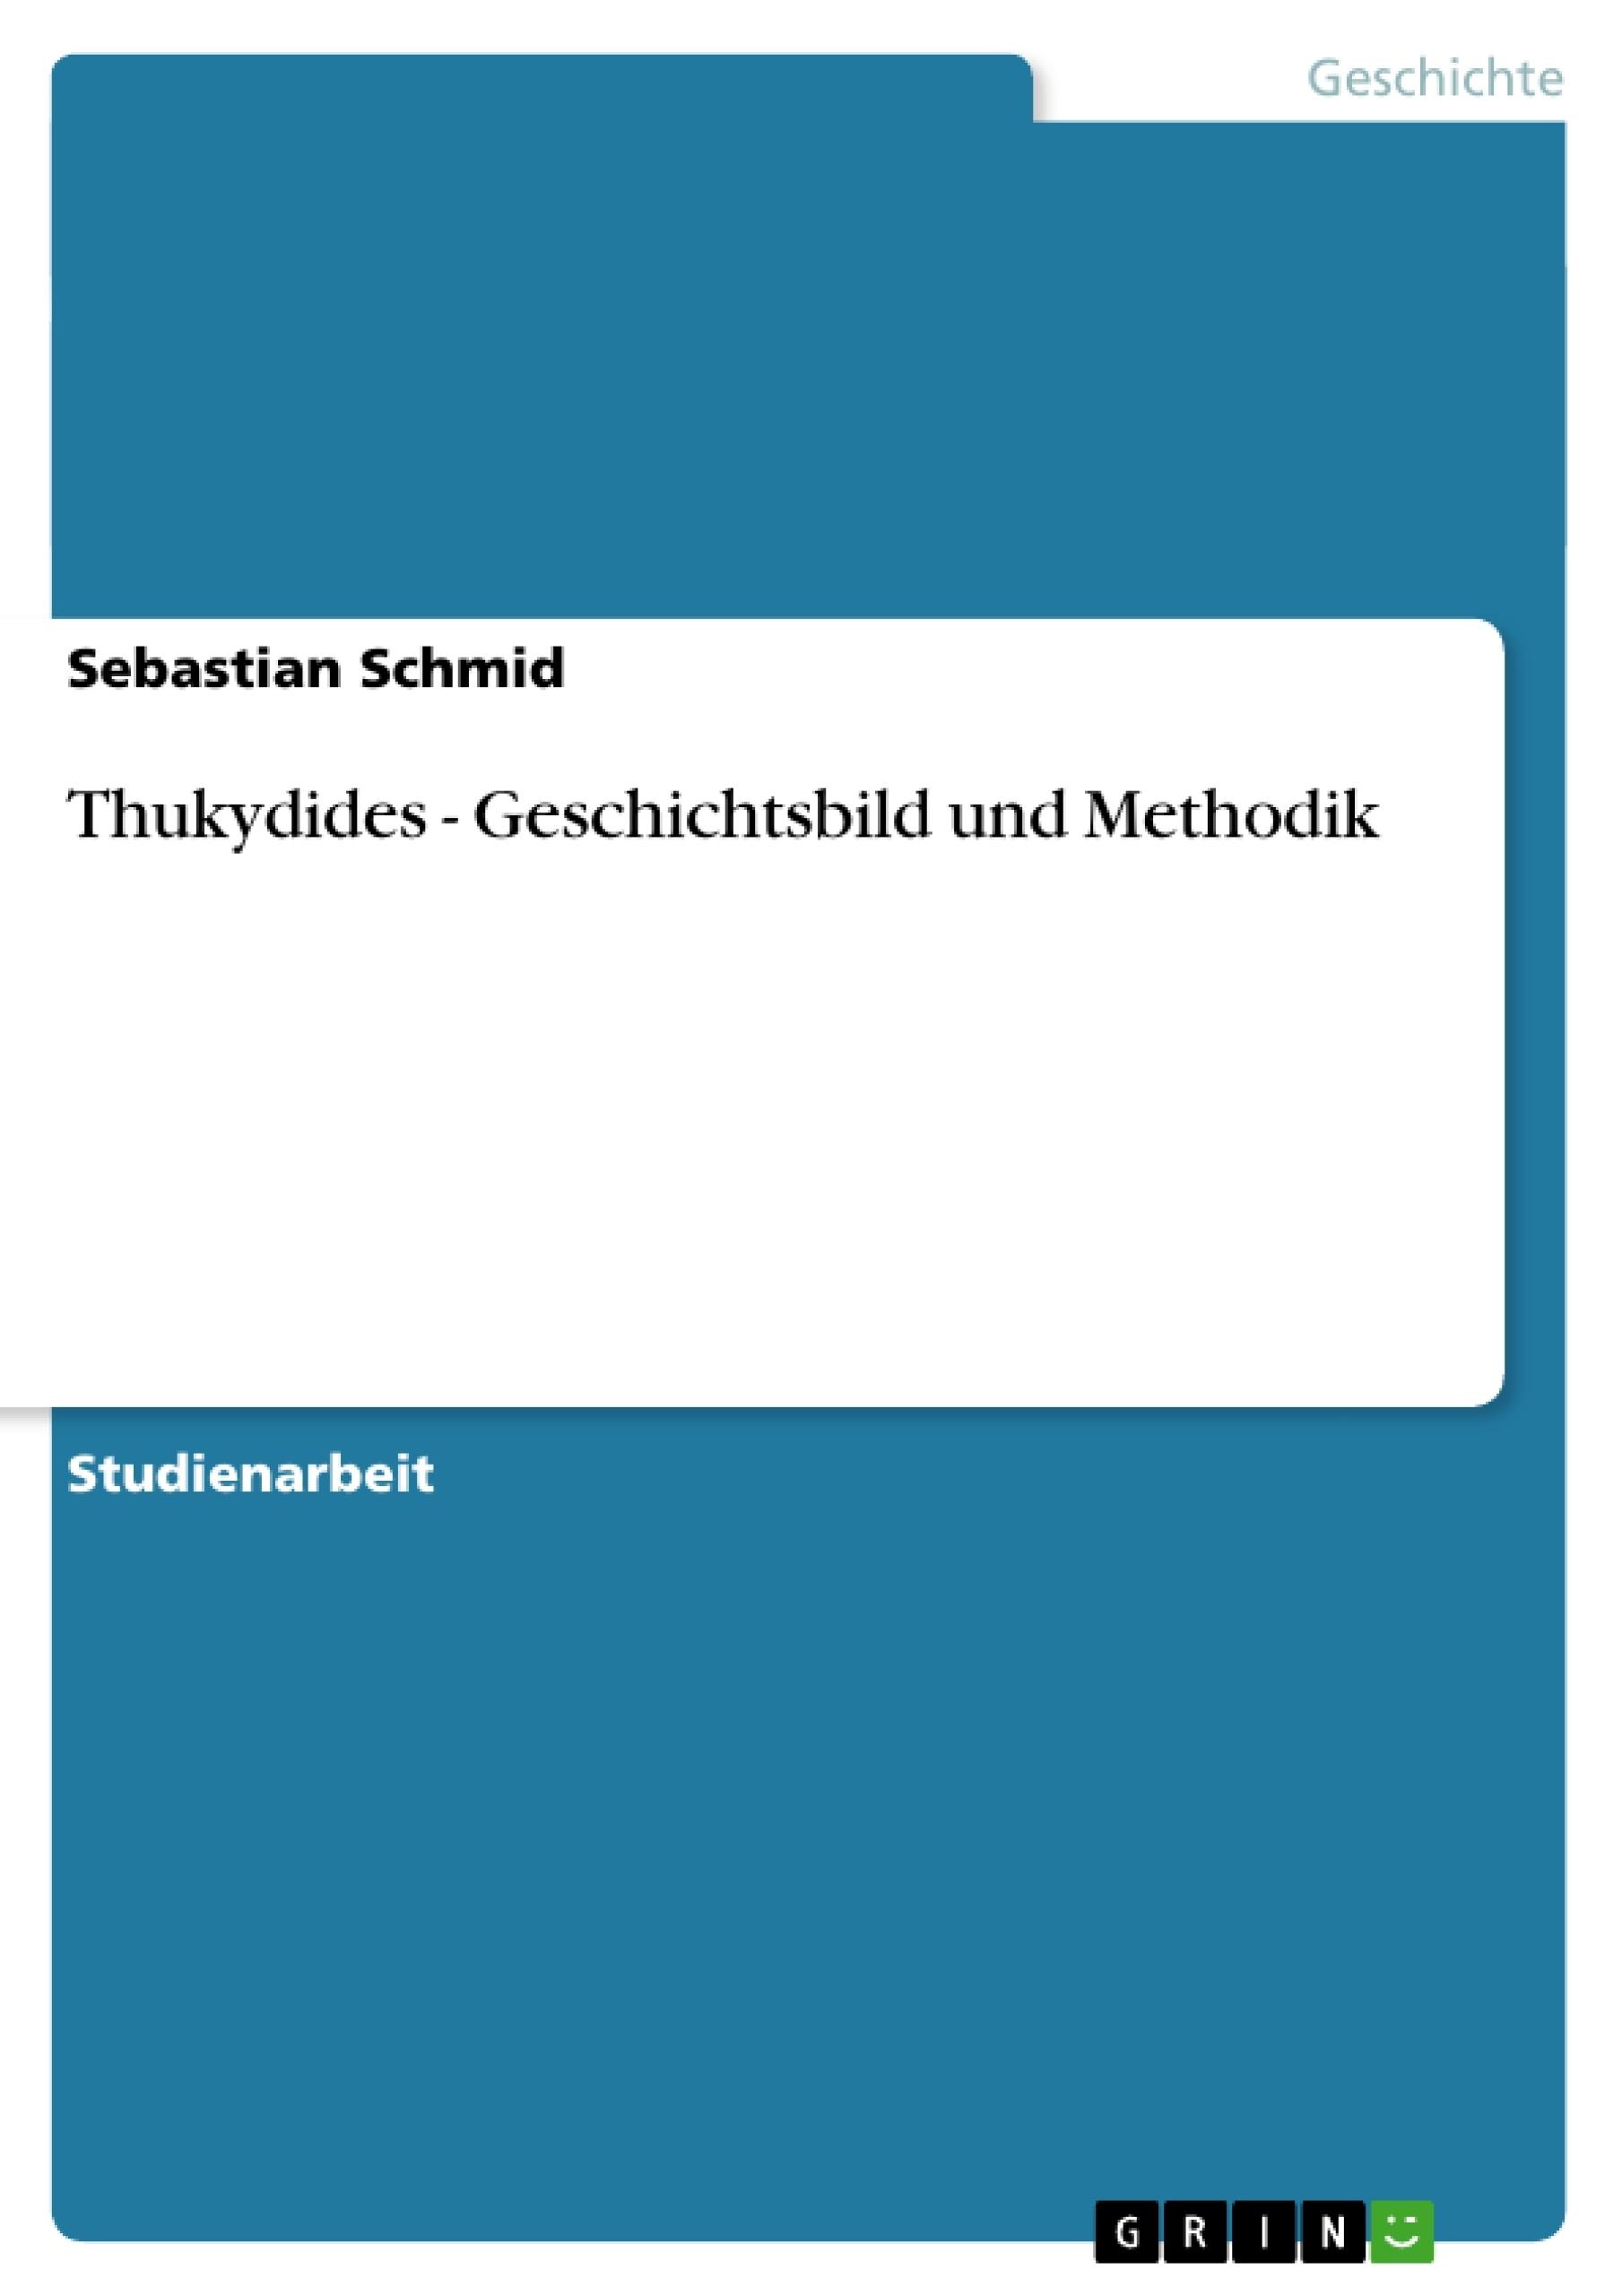 Titel: Thukydides - Geschichtsbild und Methodik